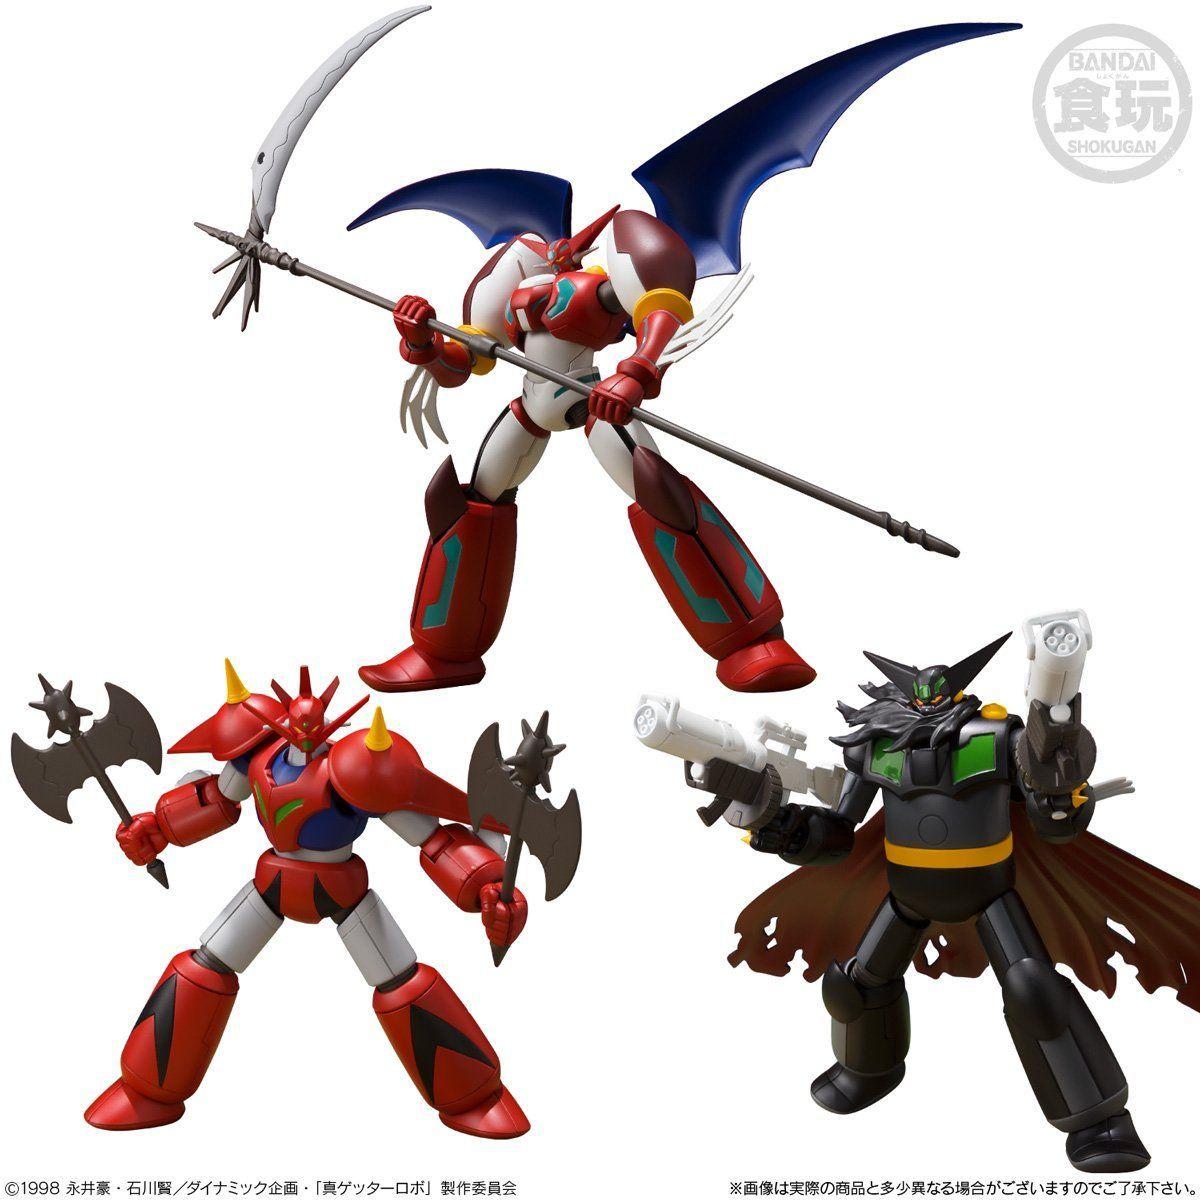 【食玩】スーパーミニプラ『真(チェンジ!!)ゲッターロボ Vol.2』3個入りBOX-001